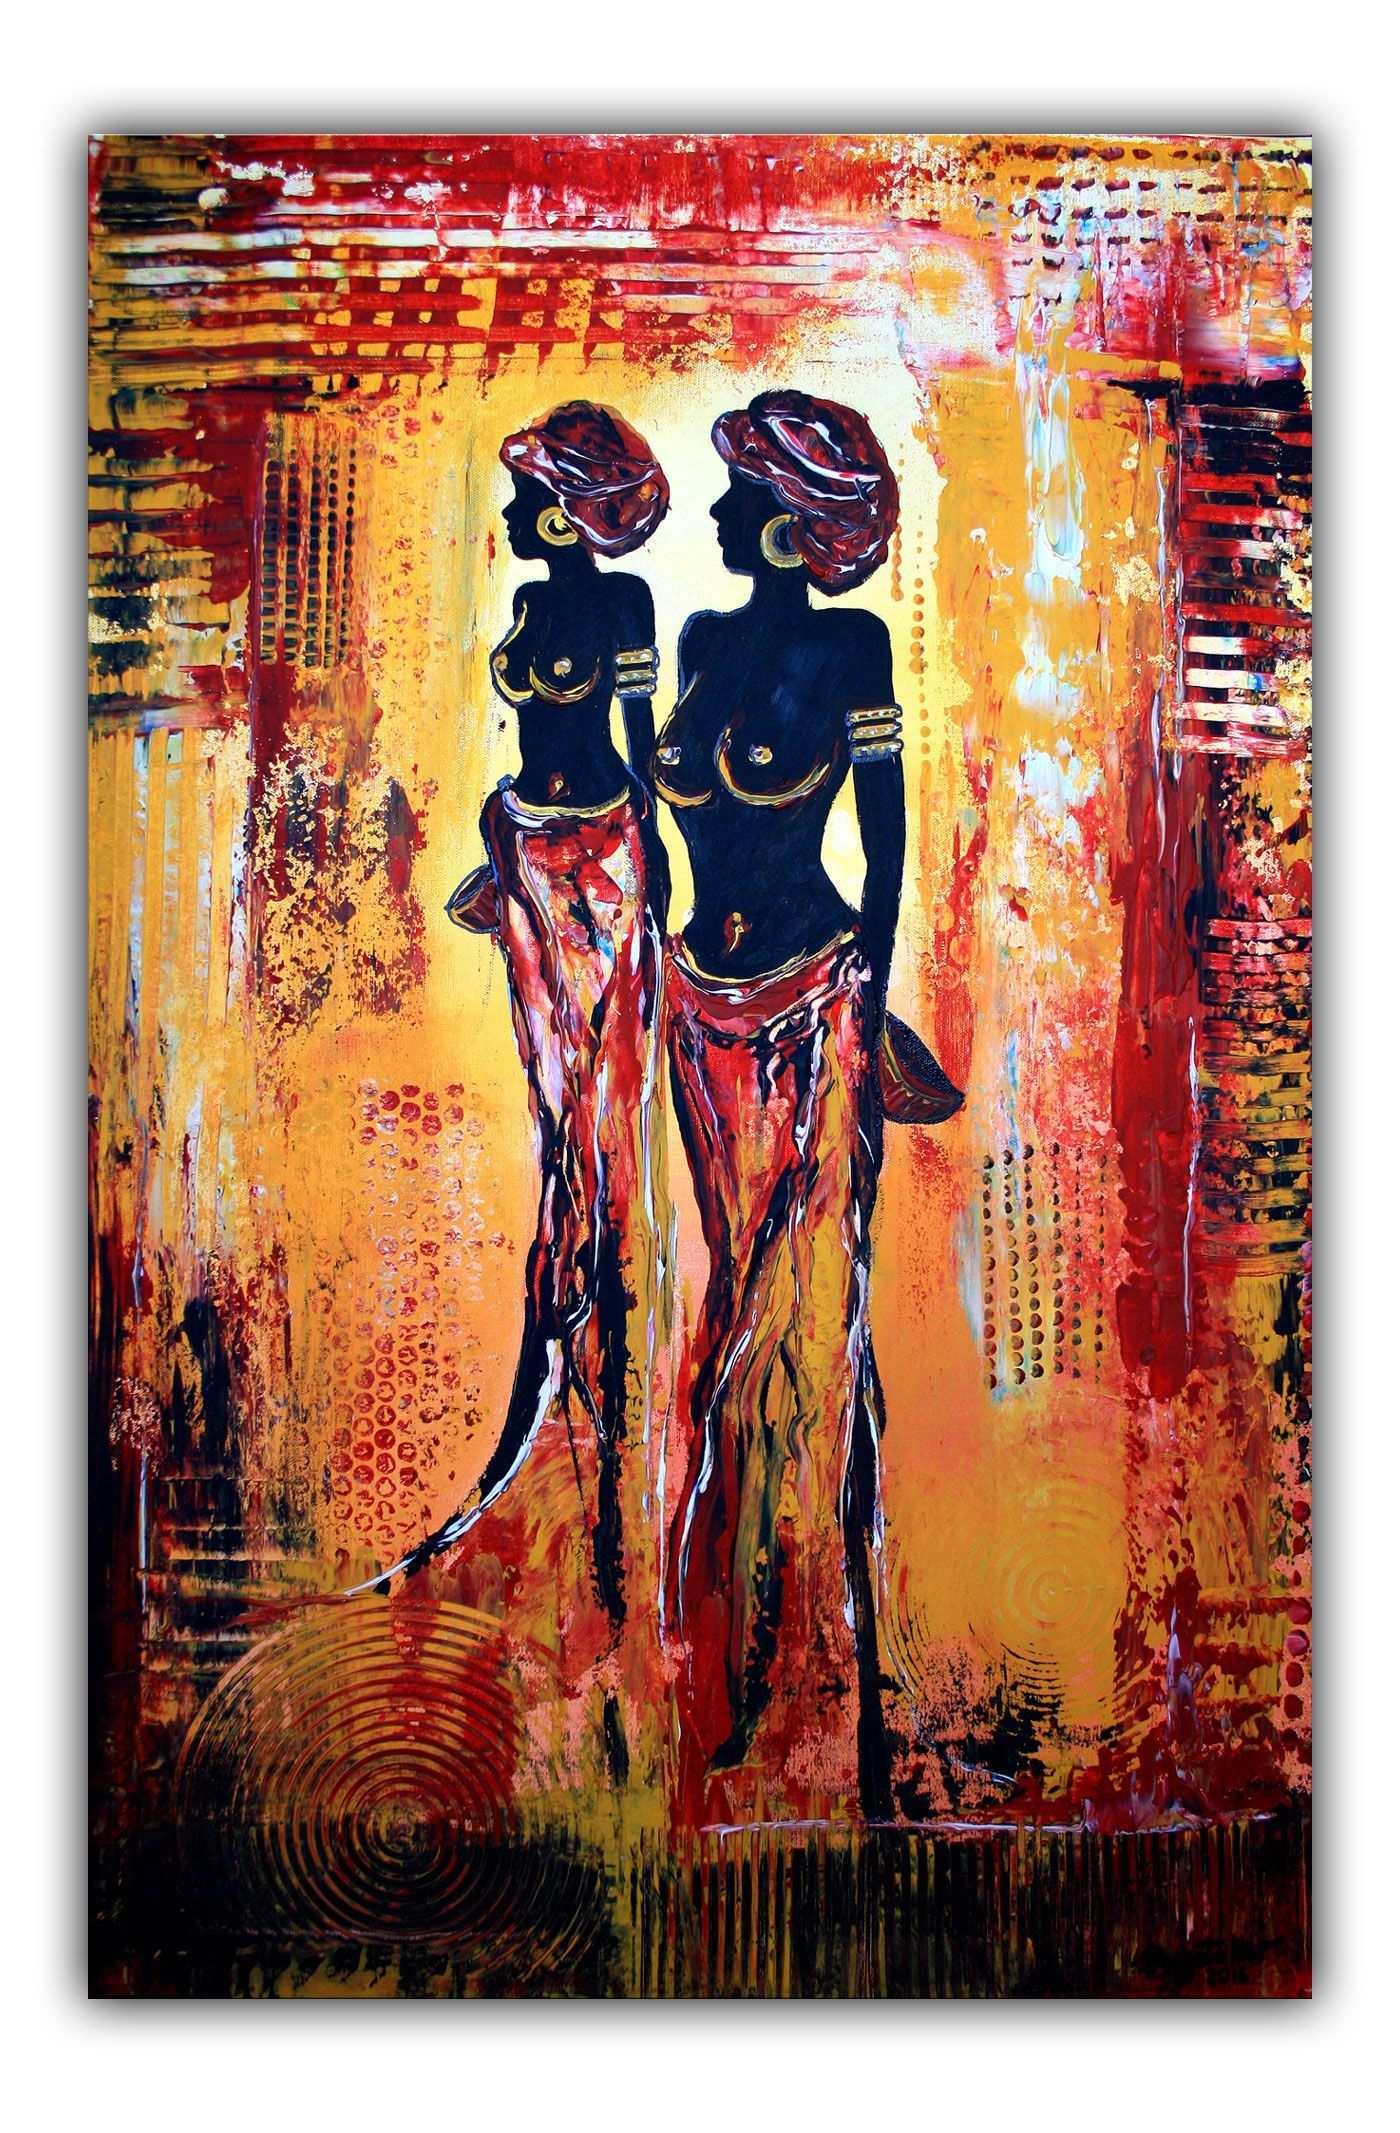 Moderne Kunst Abstrakte Malerei Bilder Gemalde Acrylbilder Afrikanische Gemalde Malerei Abstrakte Malerei